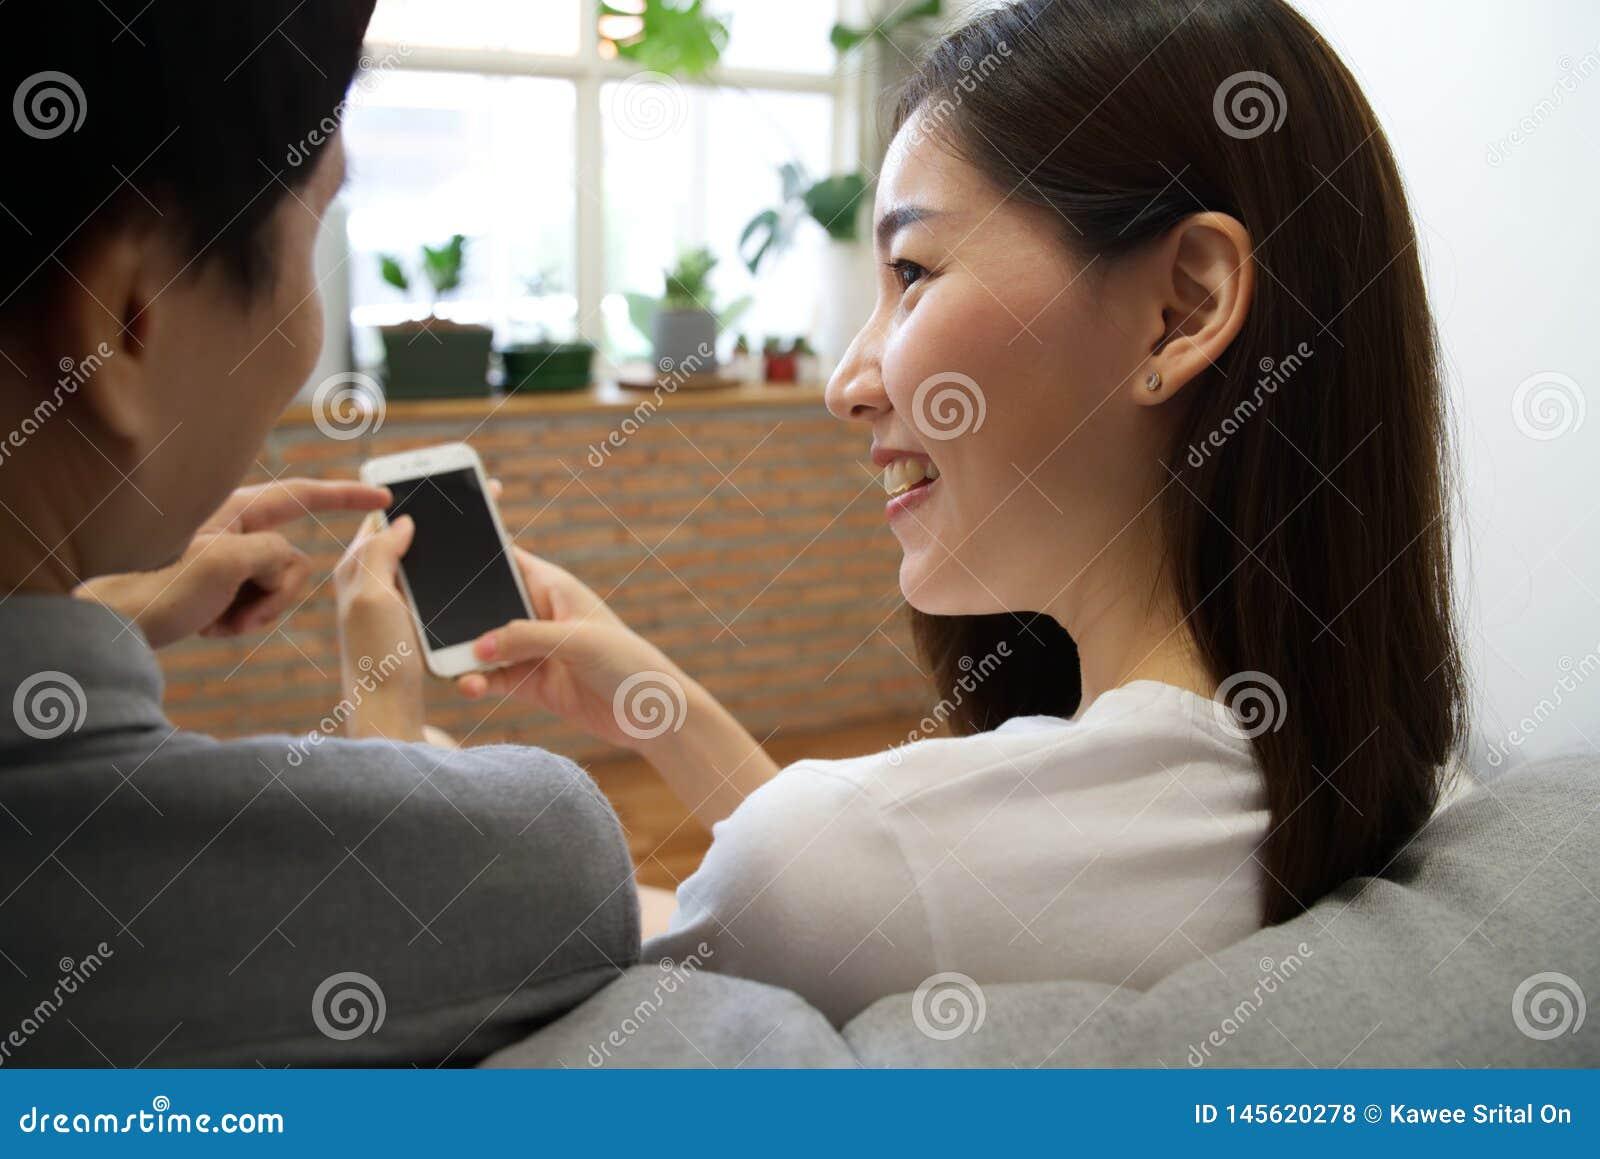 Os pares asiáticos novos que sentam-se no sofá estão olhando o telefone celular